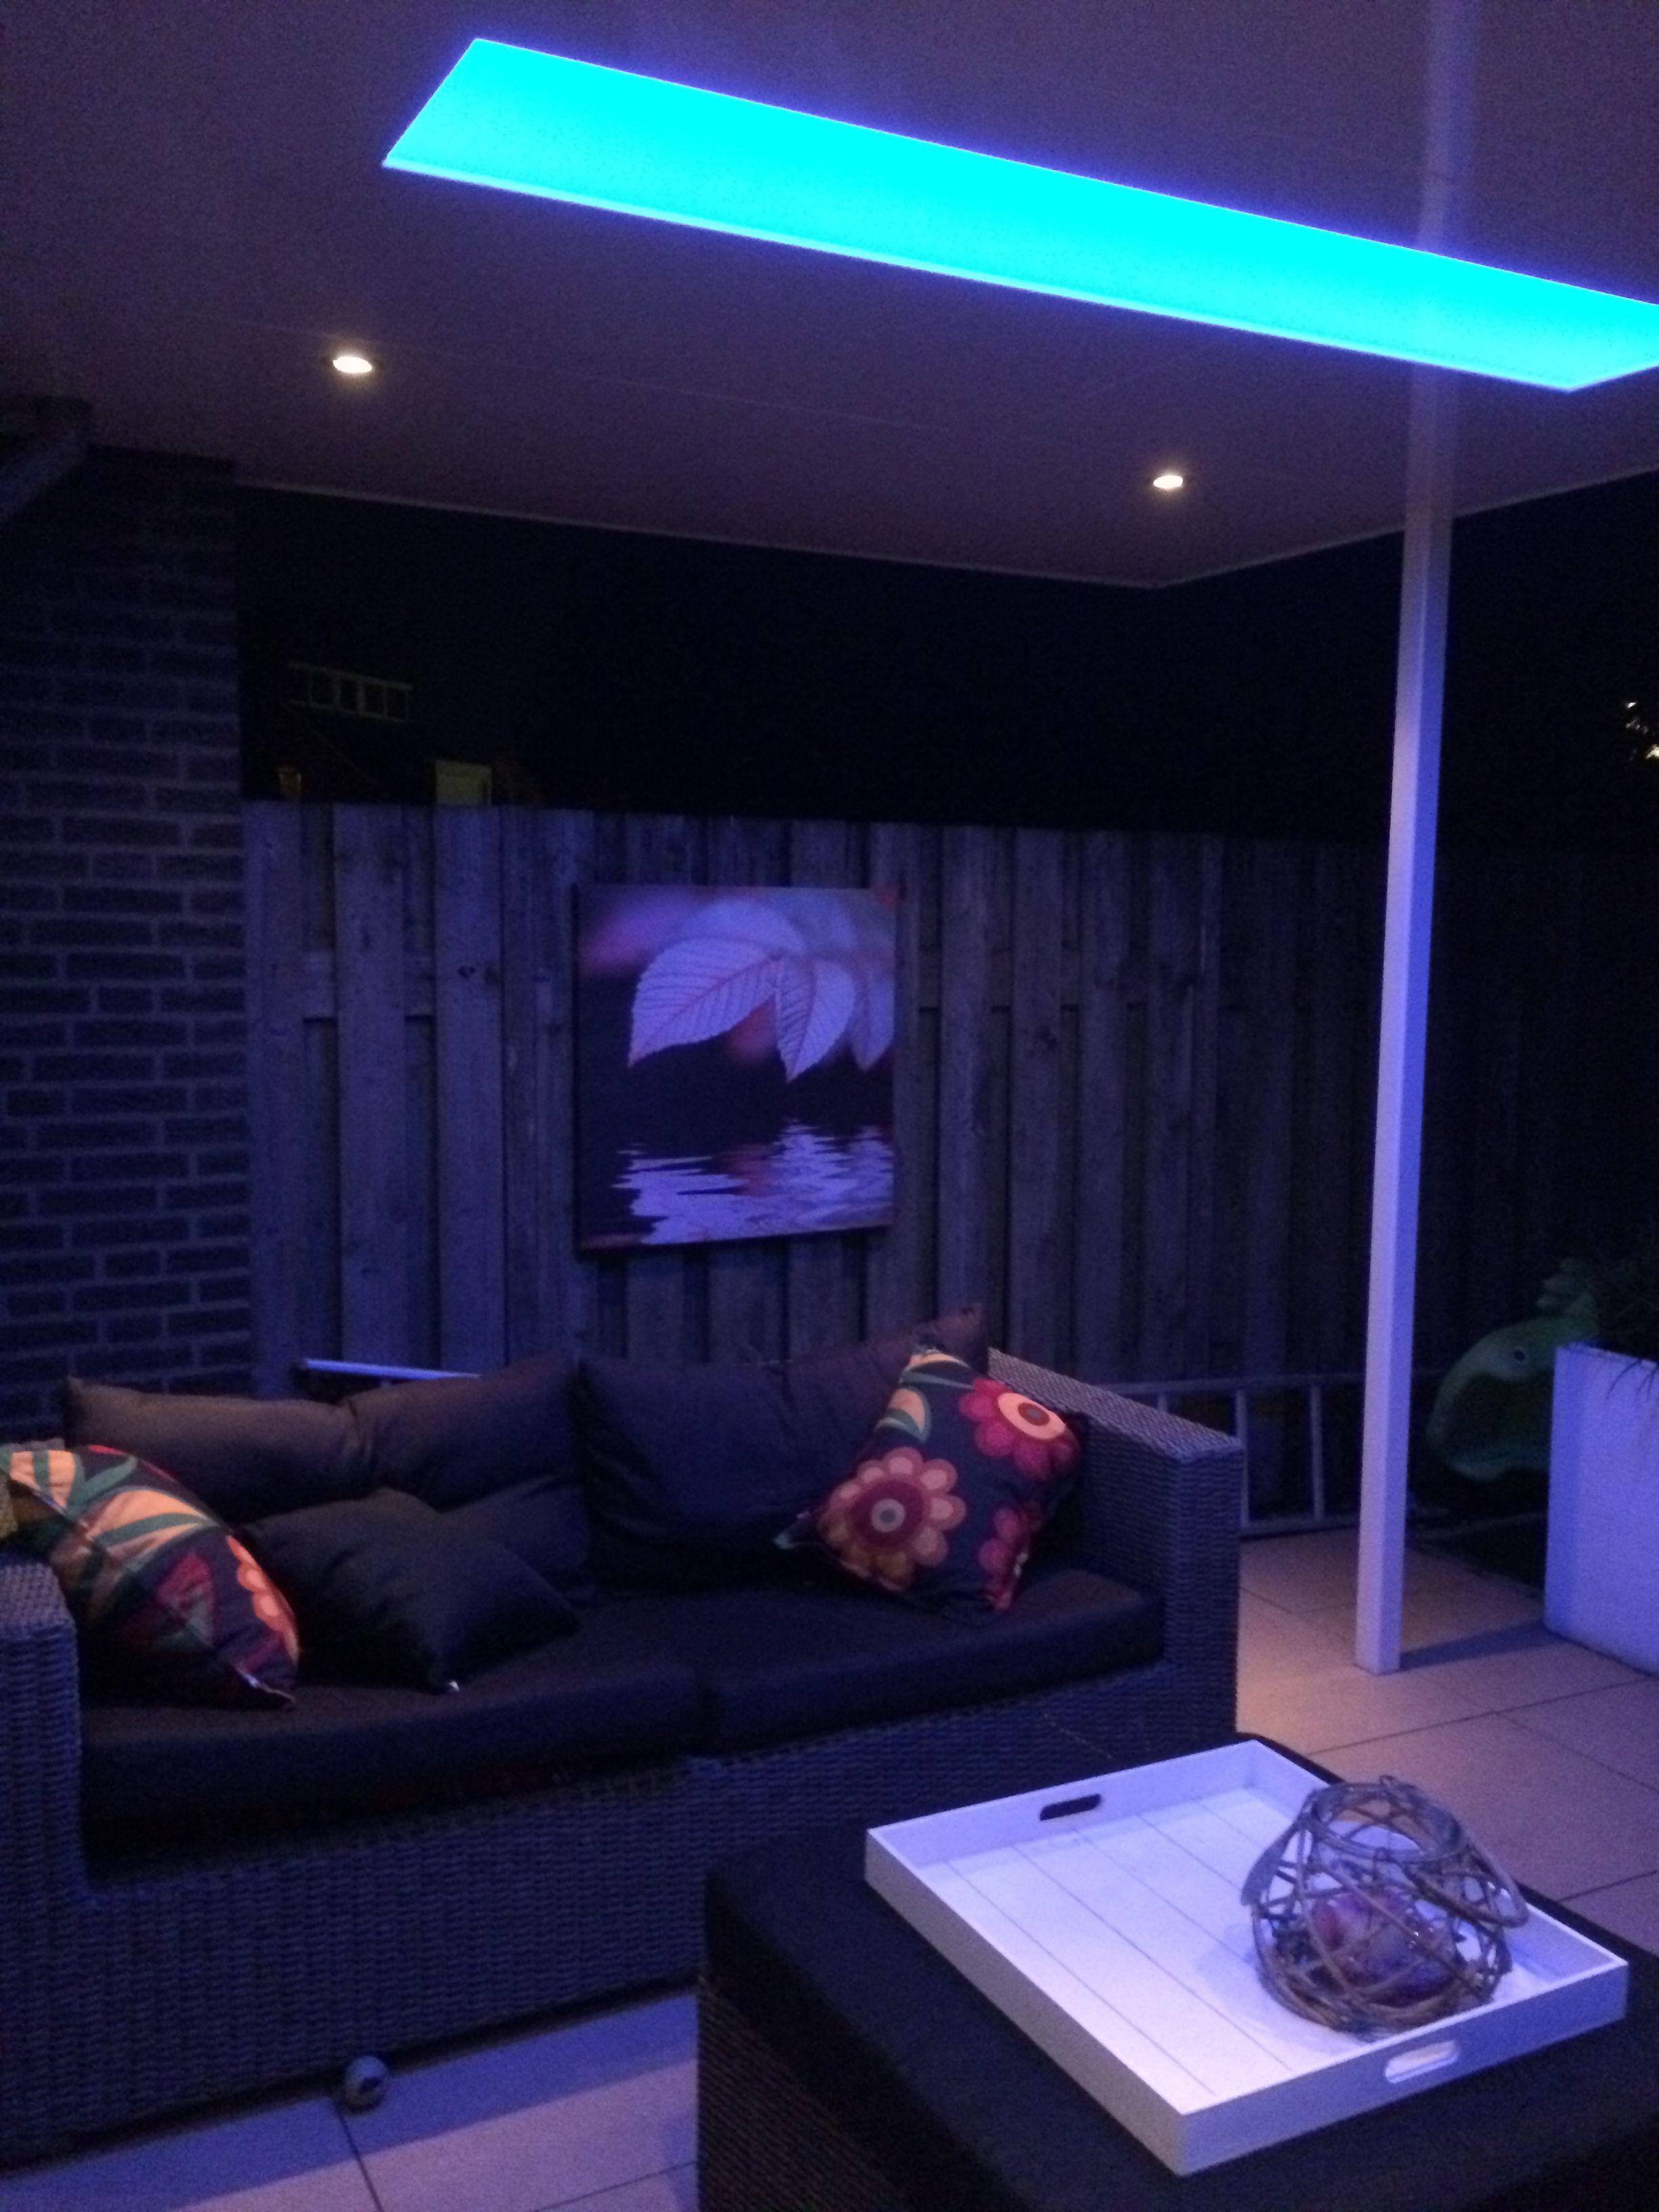 overkapping gemaakt met een lichtstraat met LED verlichting op kleur ...